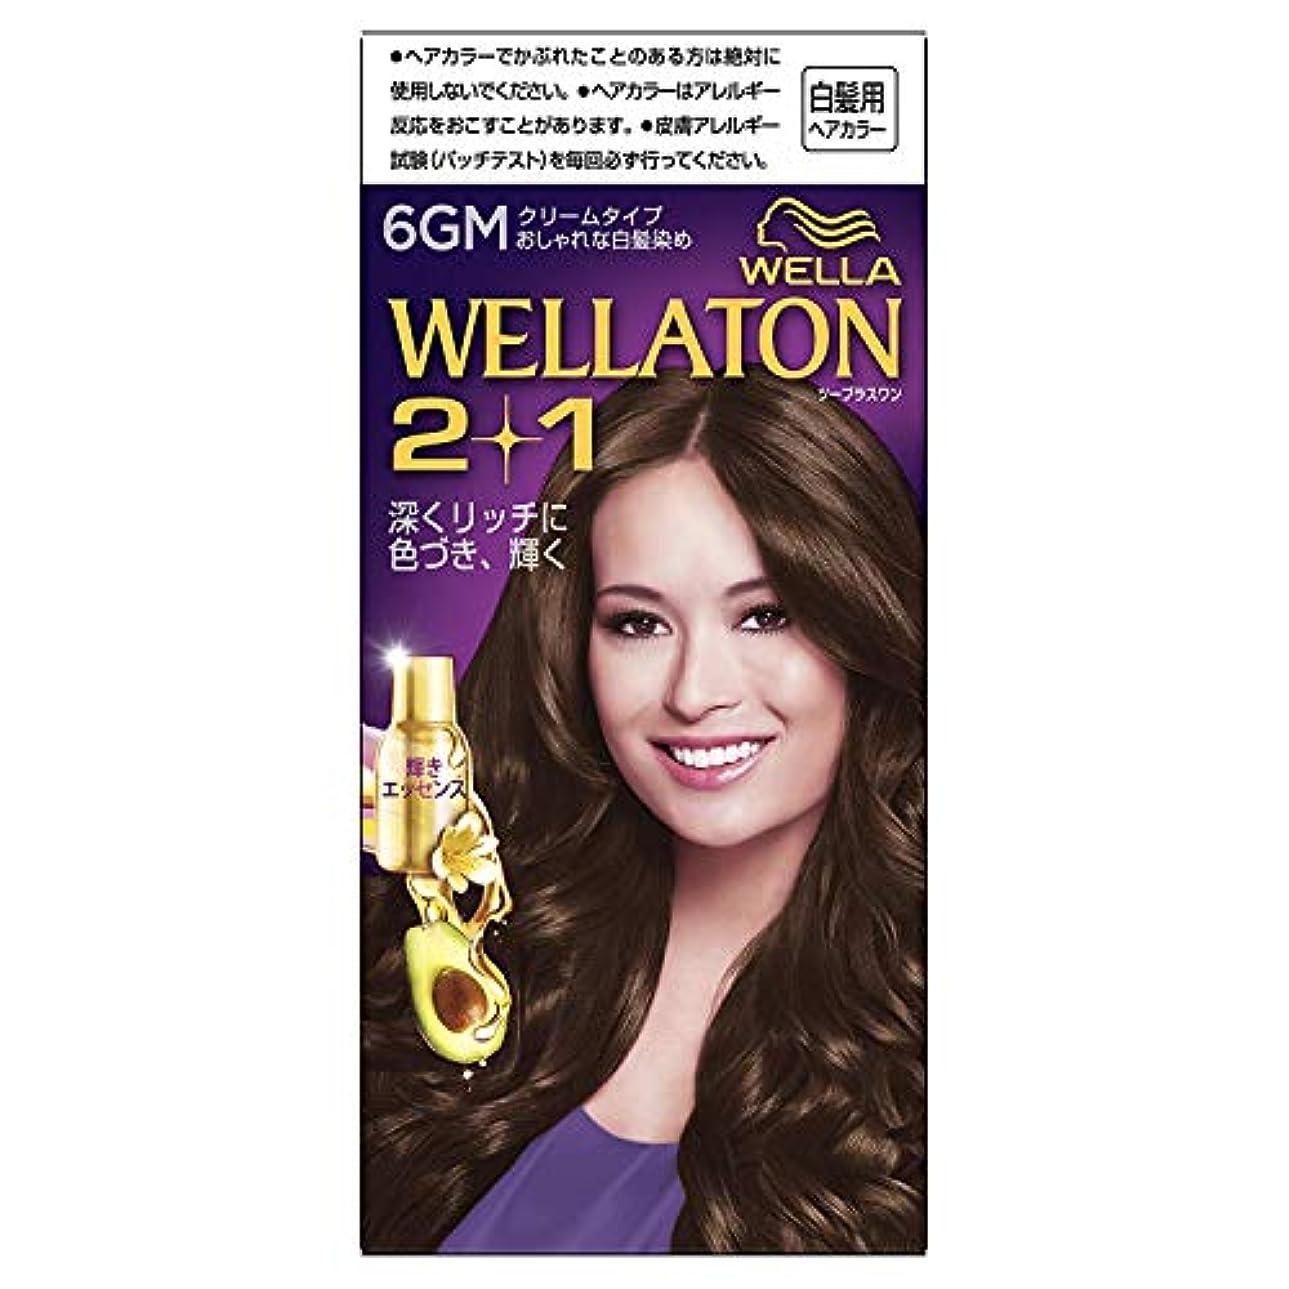 くすぐったいランドリー理容室ウエラトーン2+1 クリームタイプ 6GM [医薬部外品]×6個